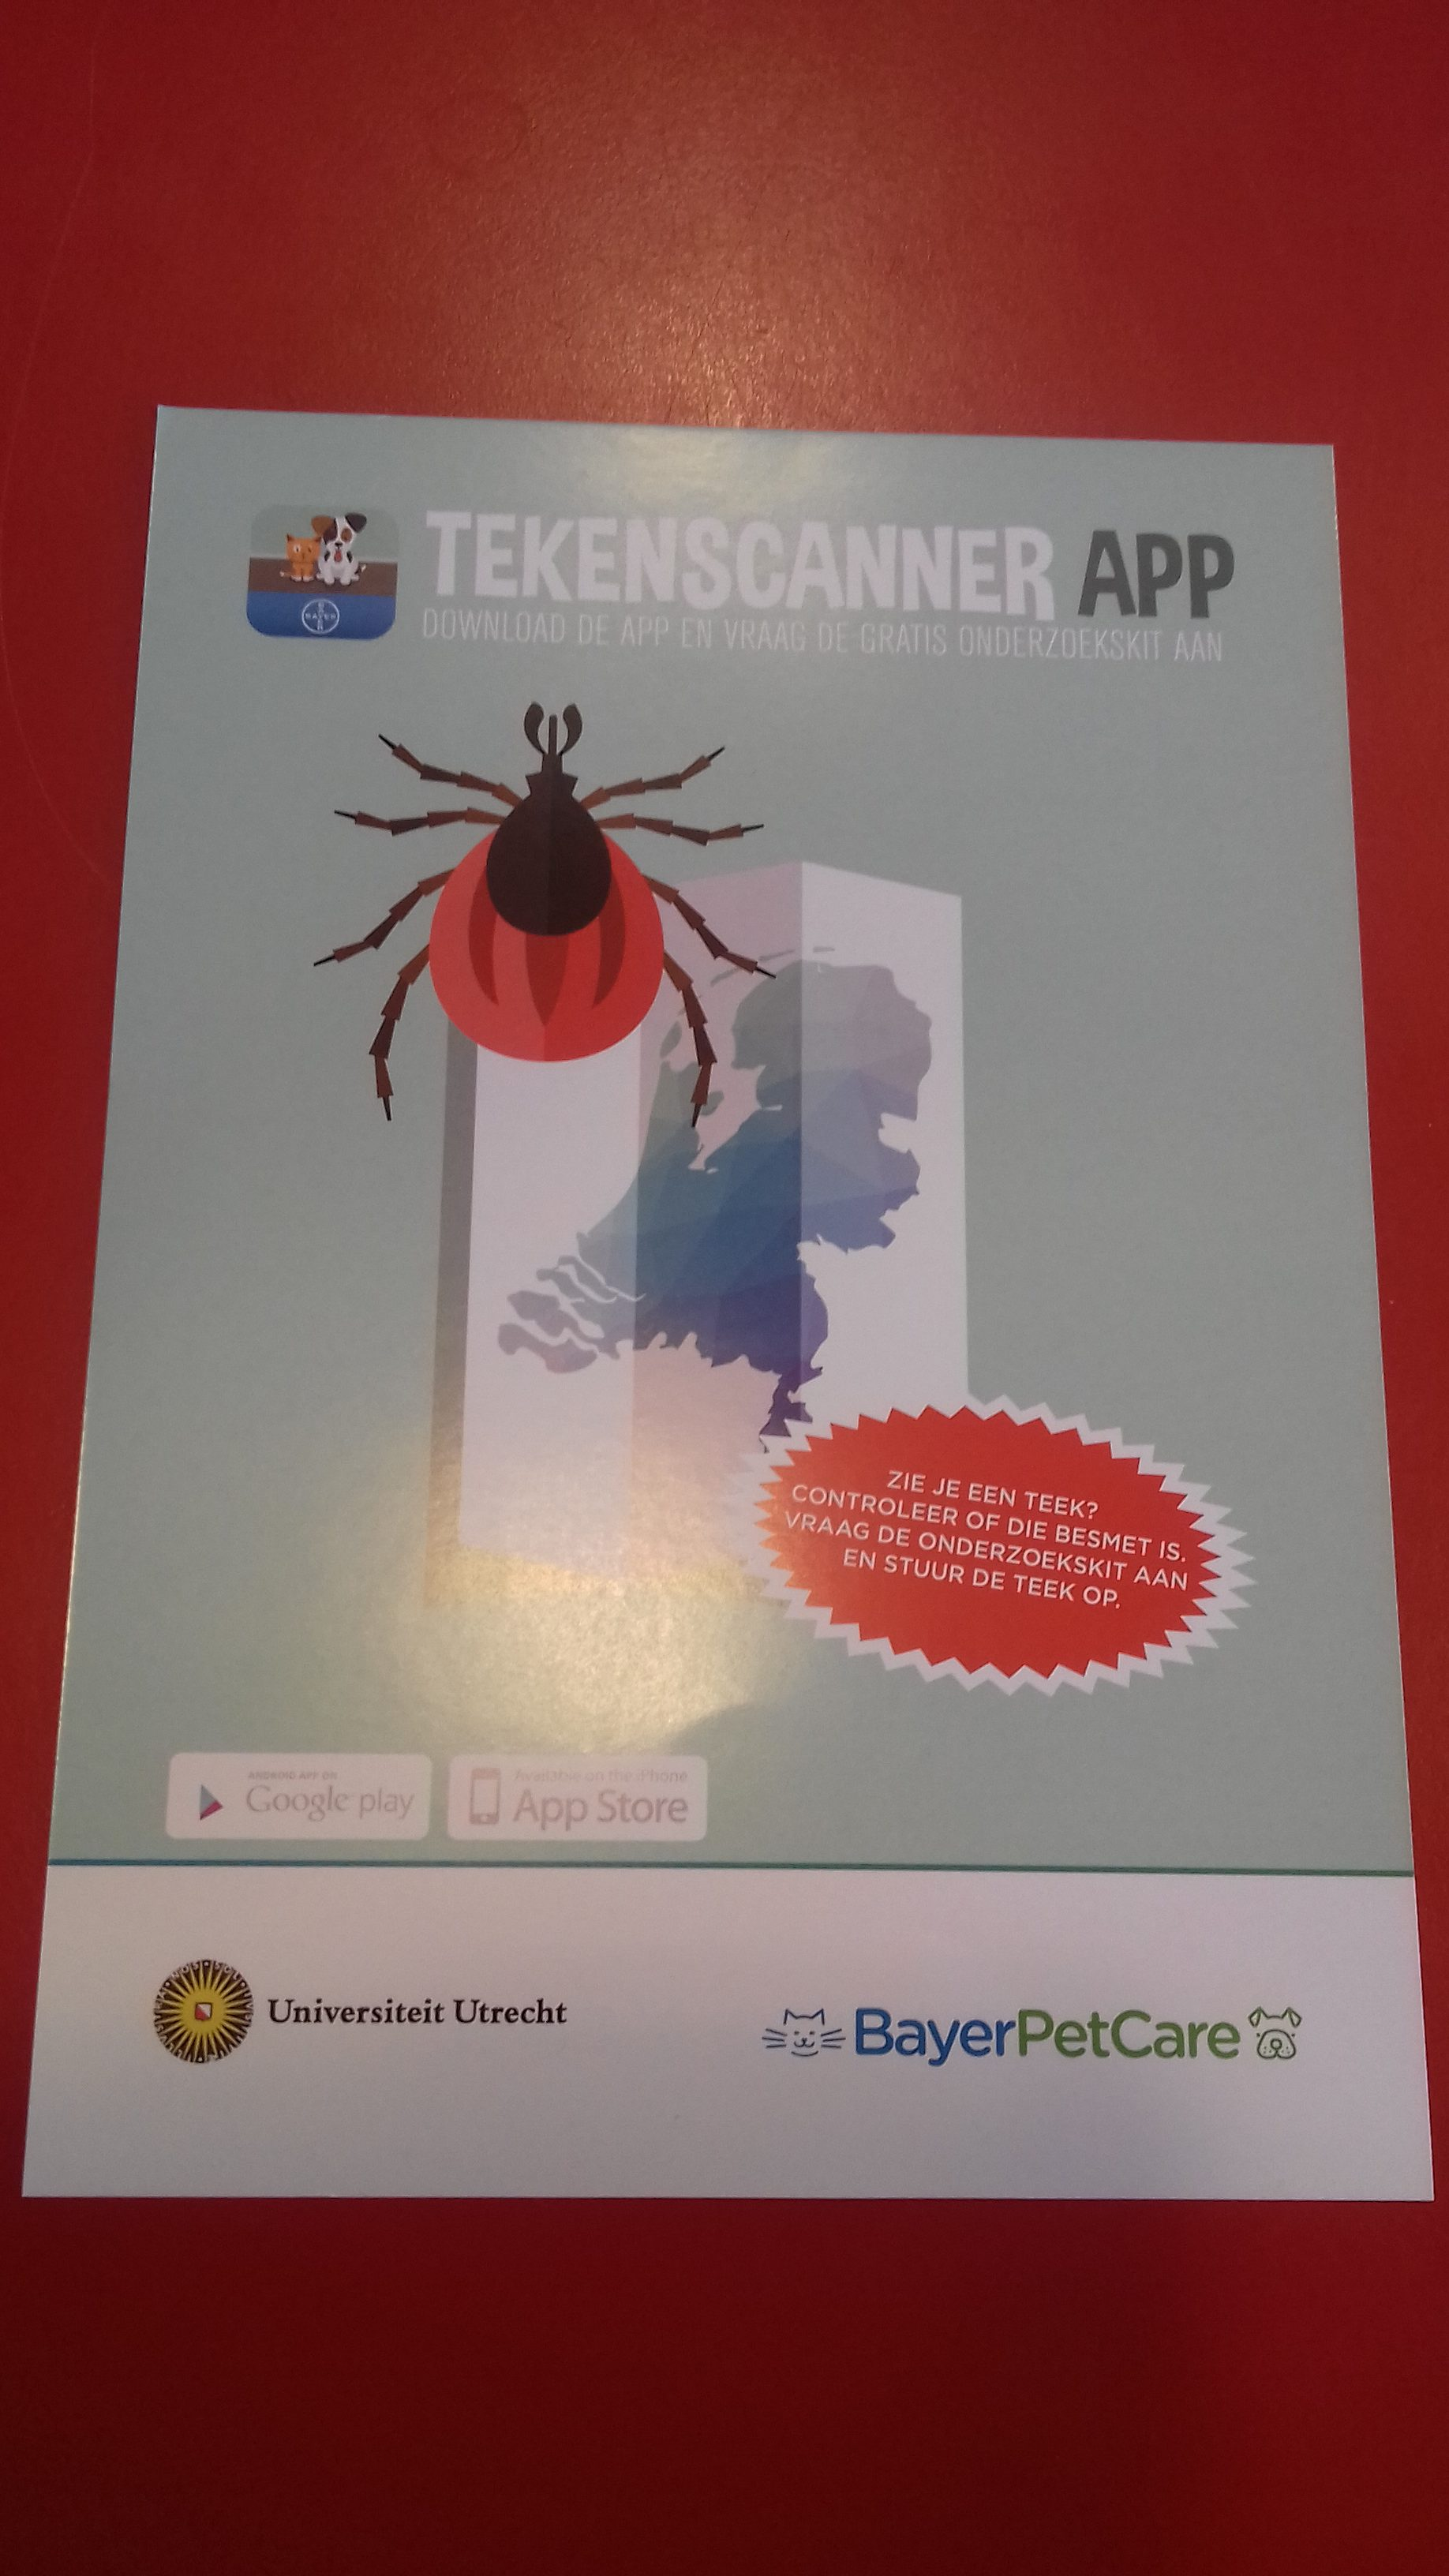 tekenscanner app